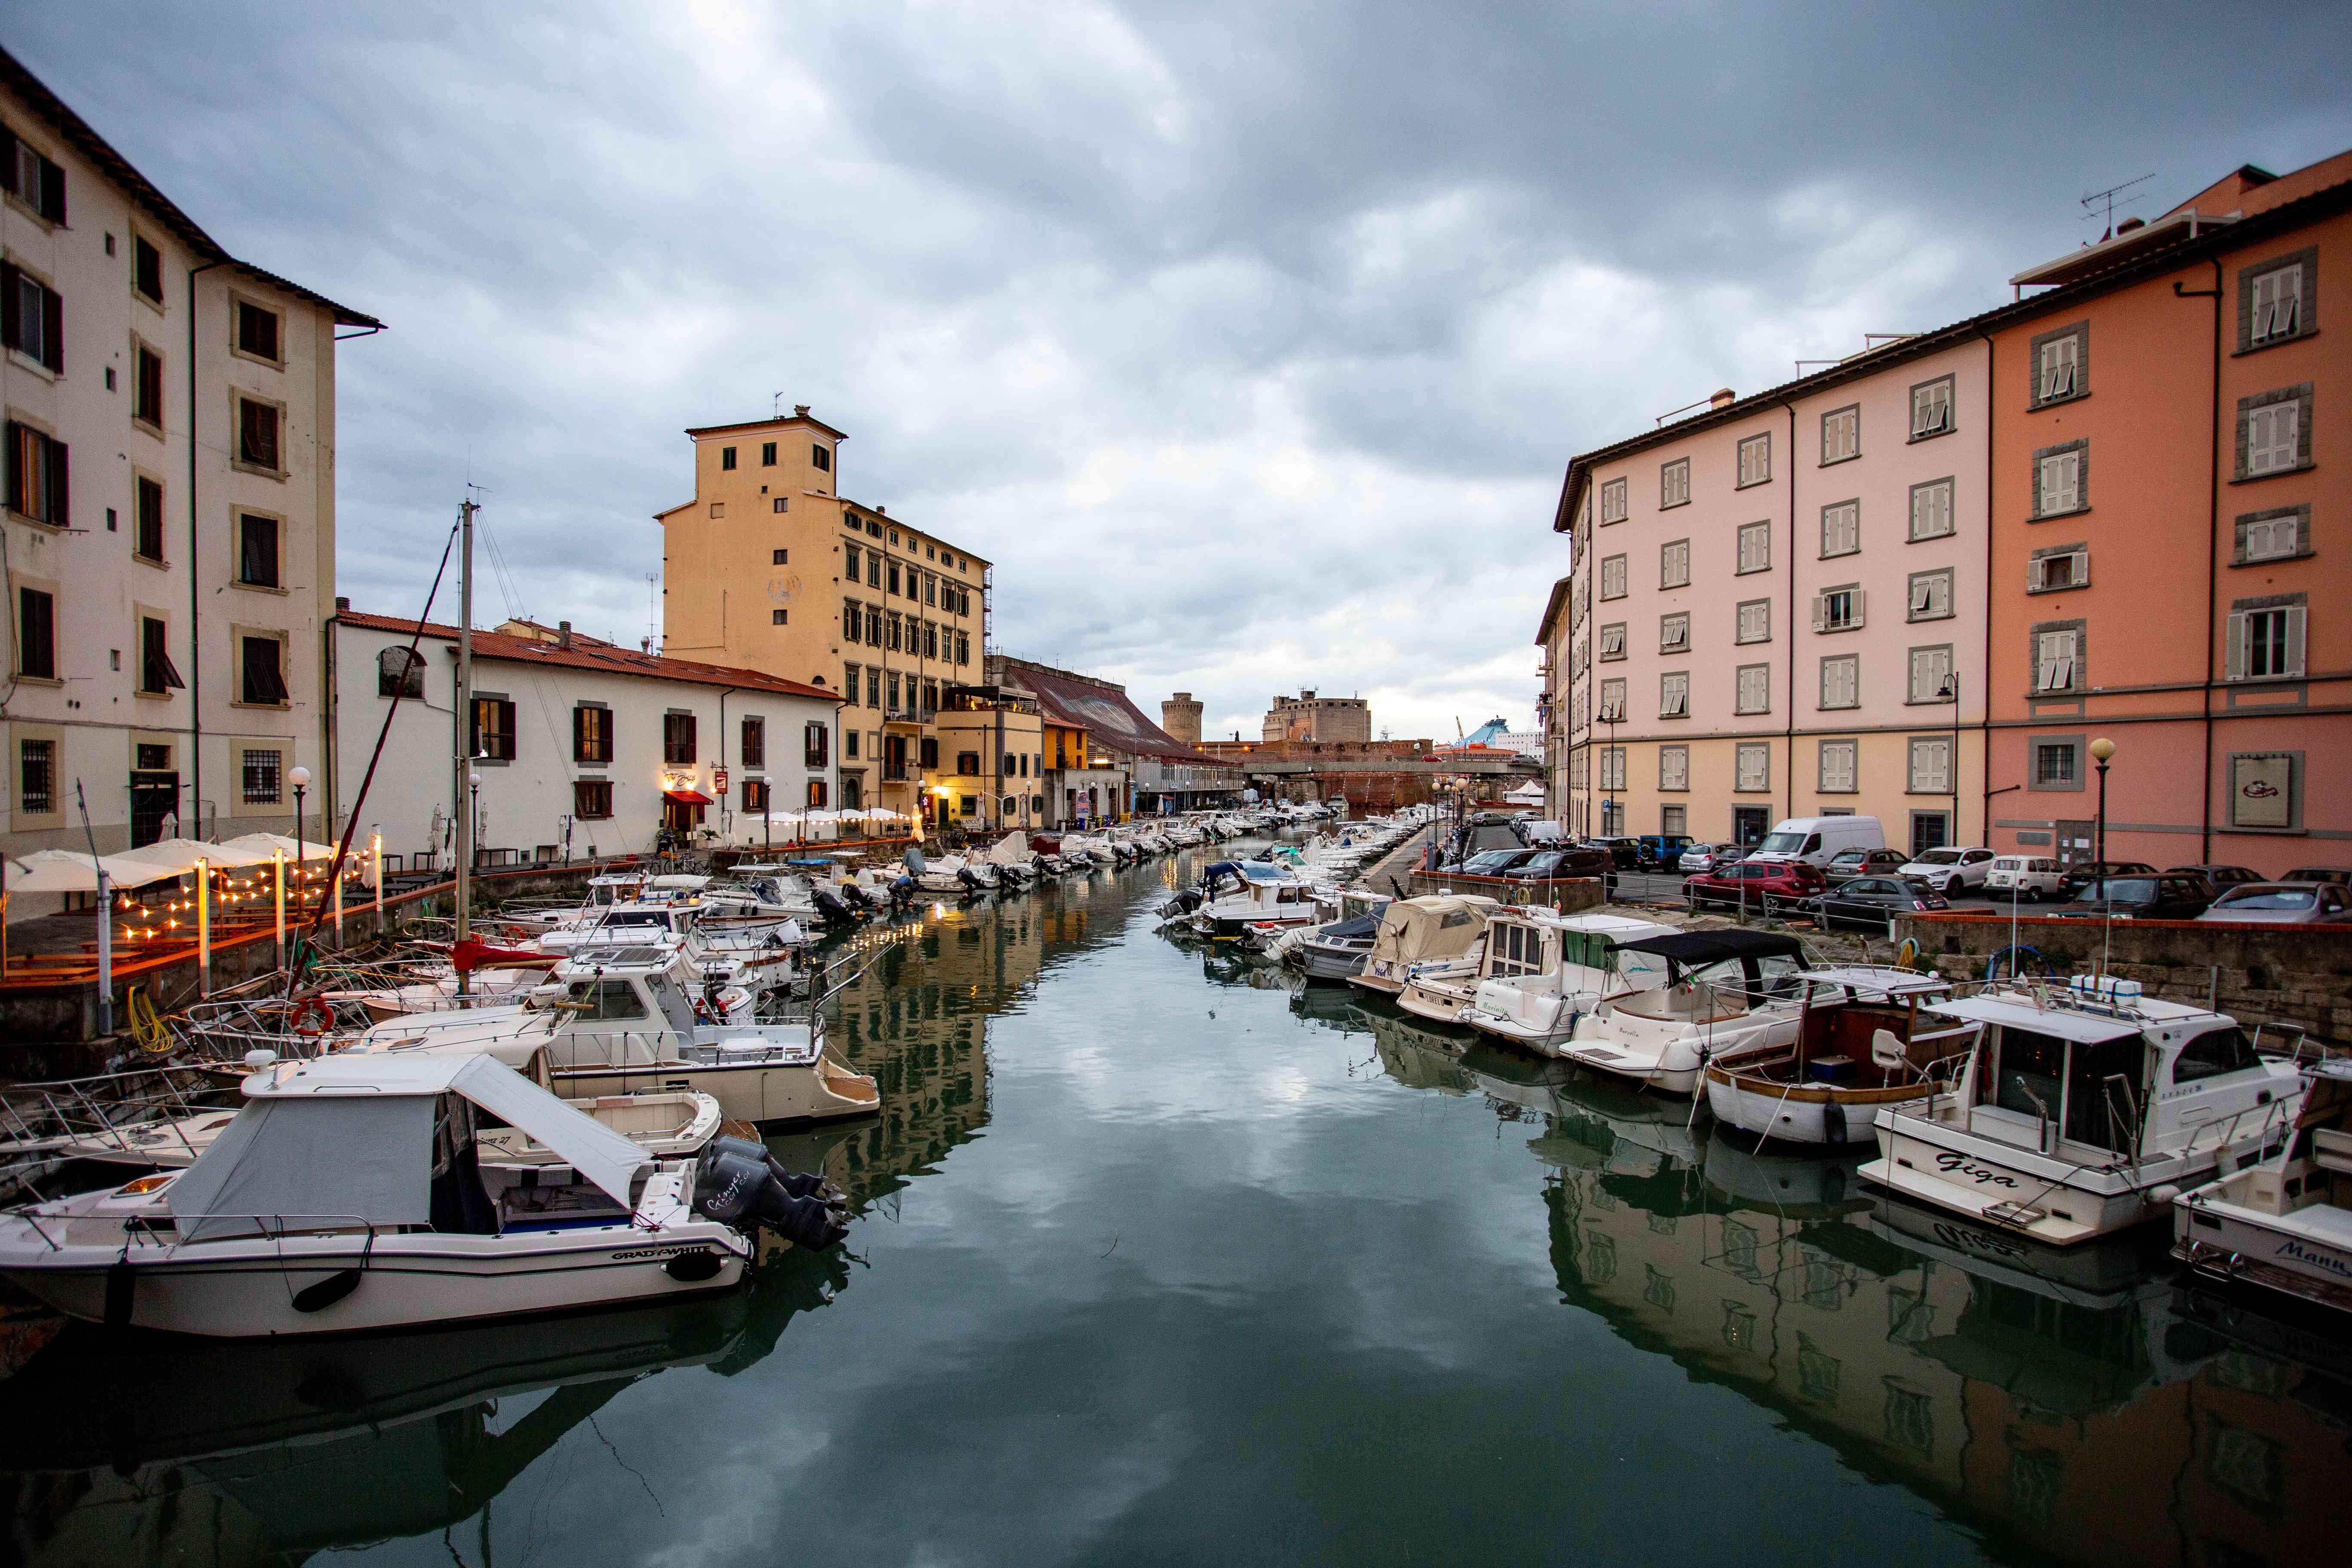 Quartiere Venezia in Livorno, Italy